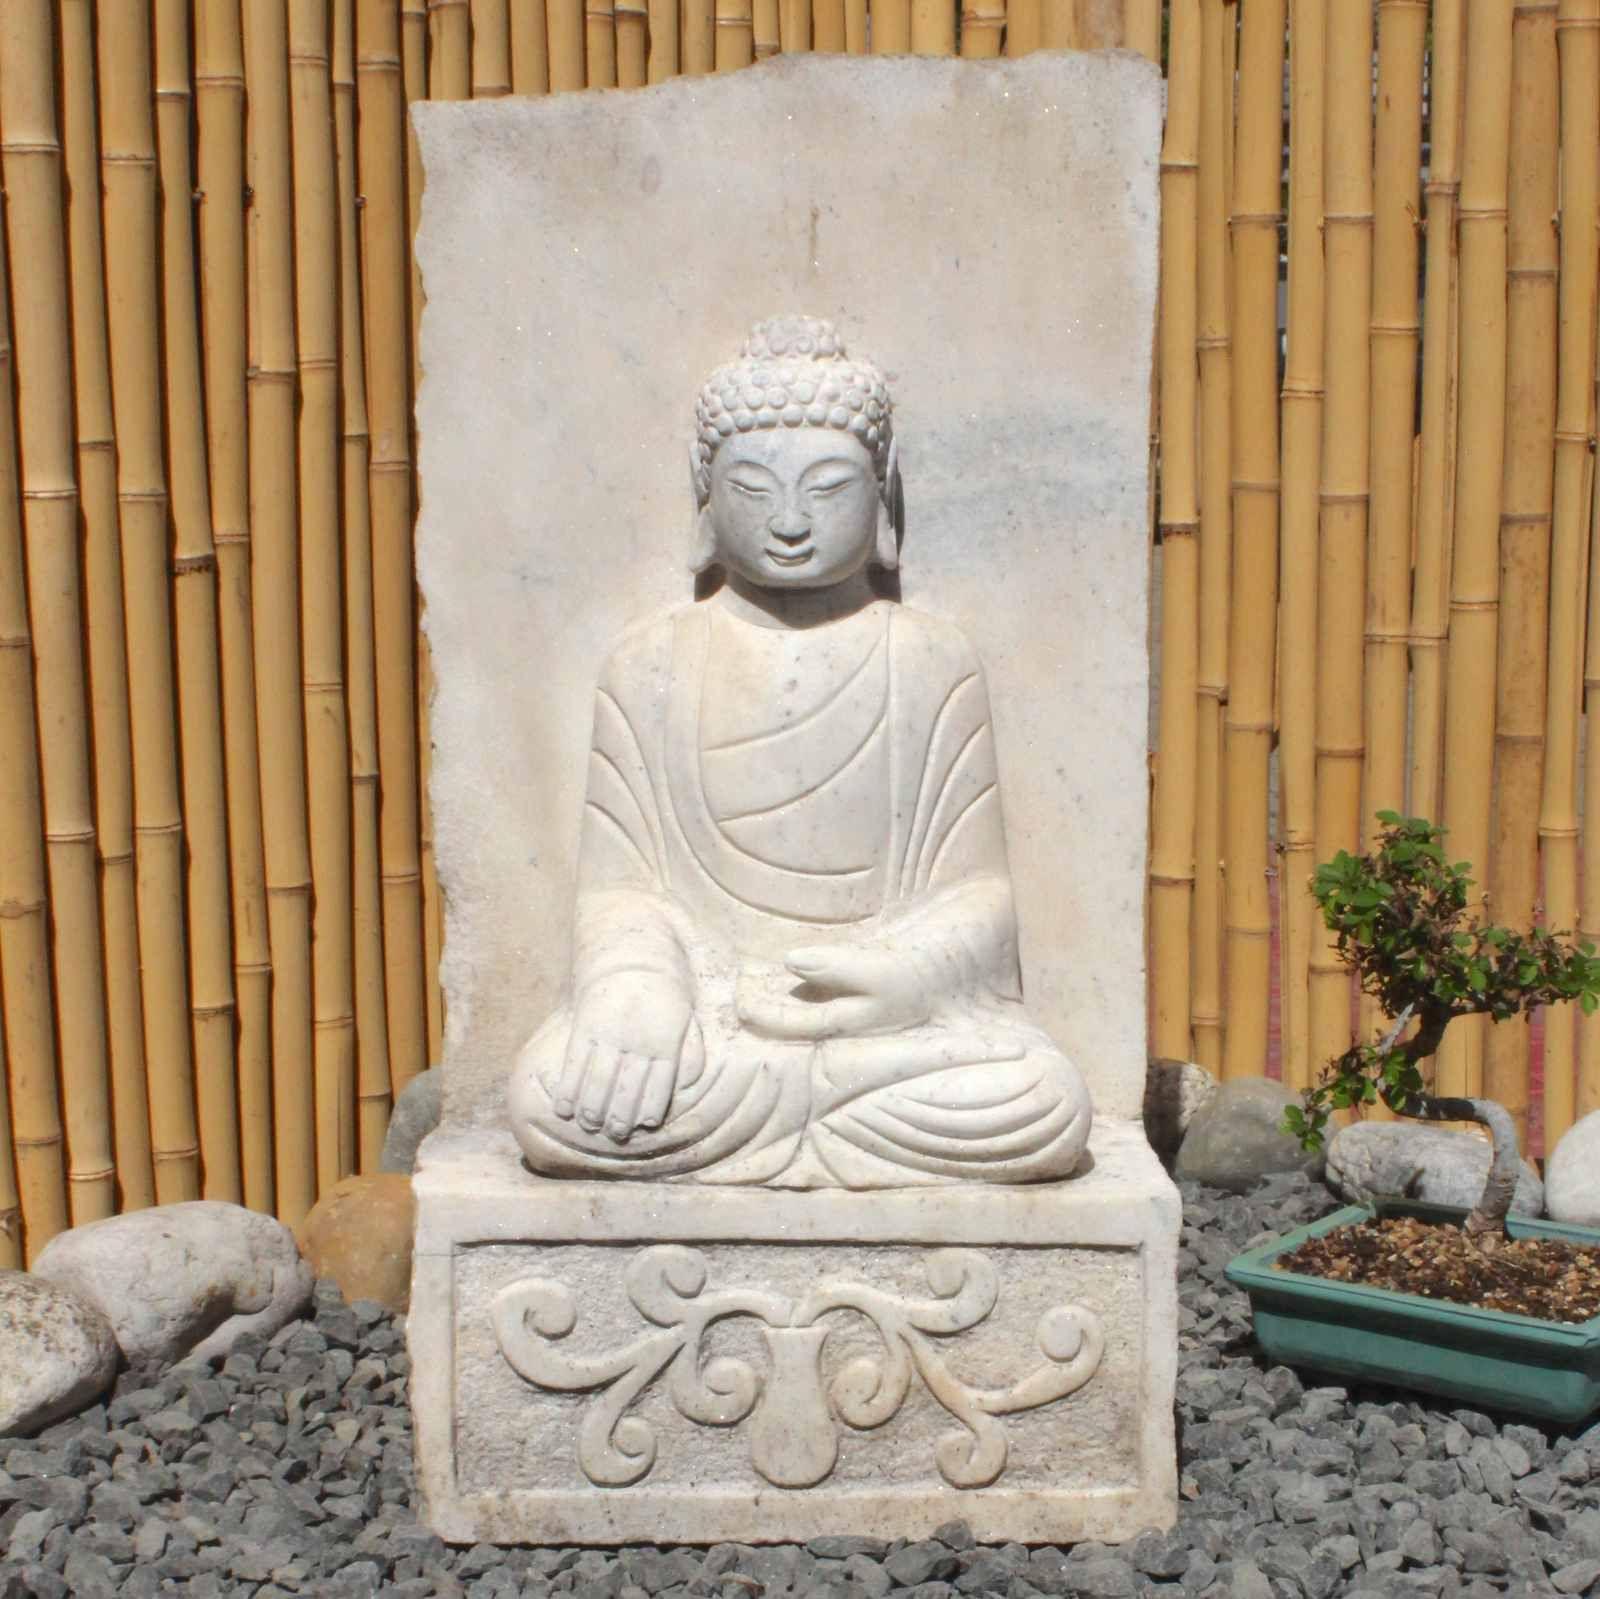 Garten Siddharta Buddha Statue 61cm Marmor Stein In 2020 Statuen Buddha Figur Statue